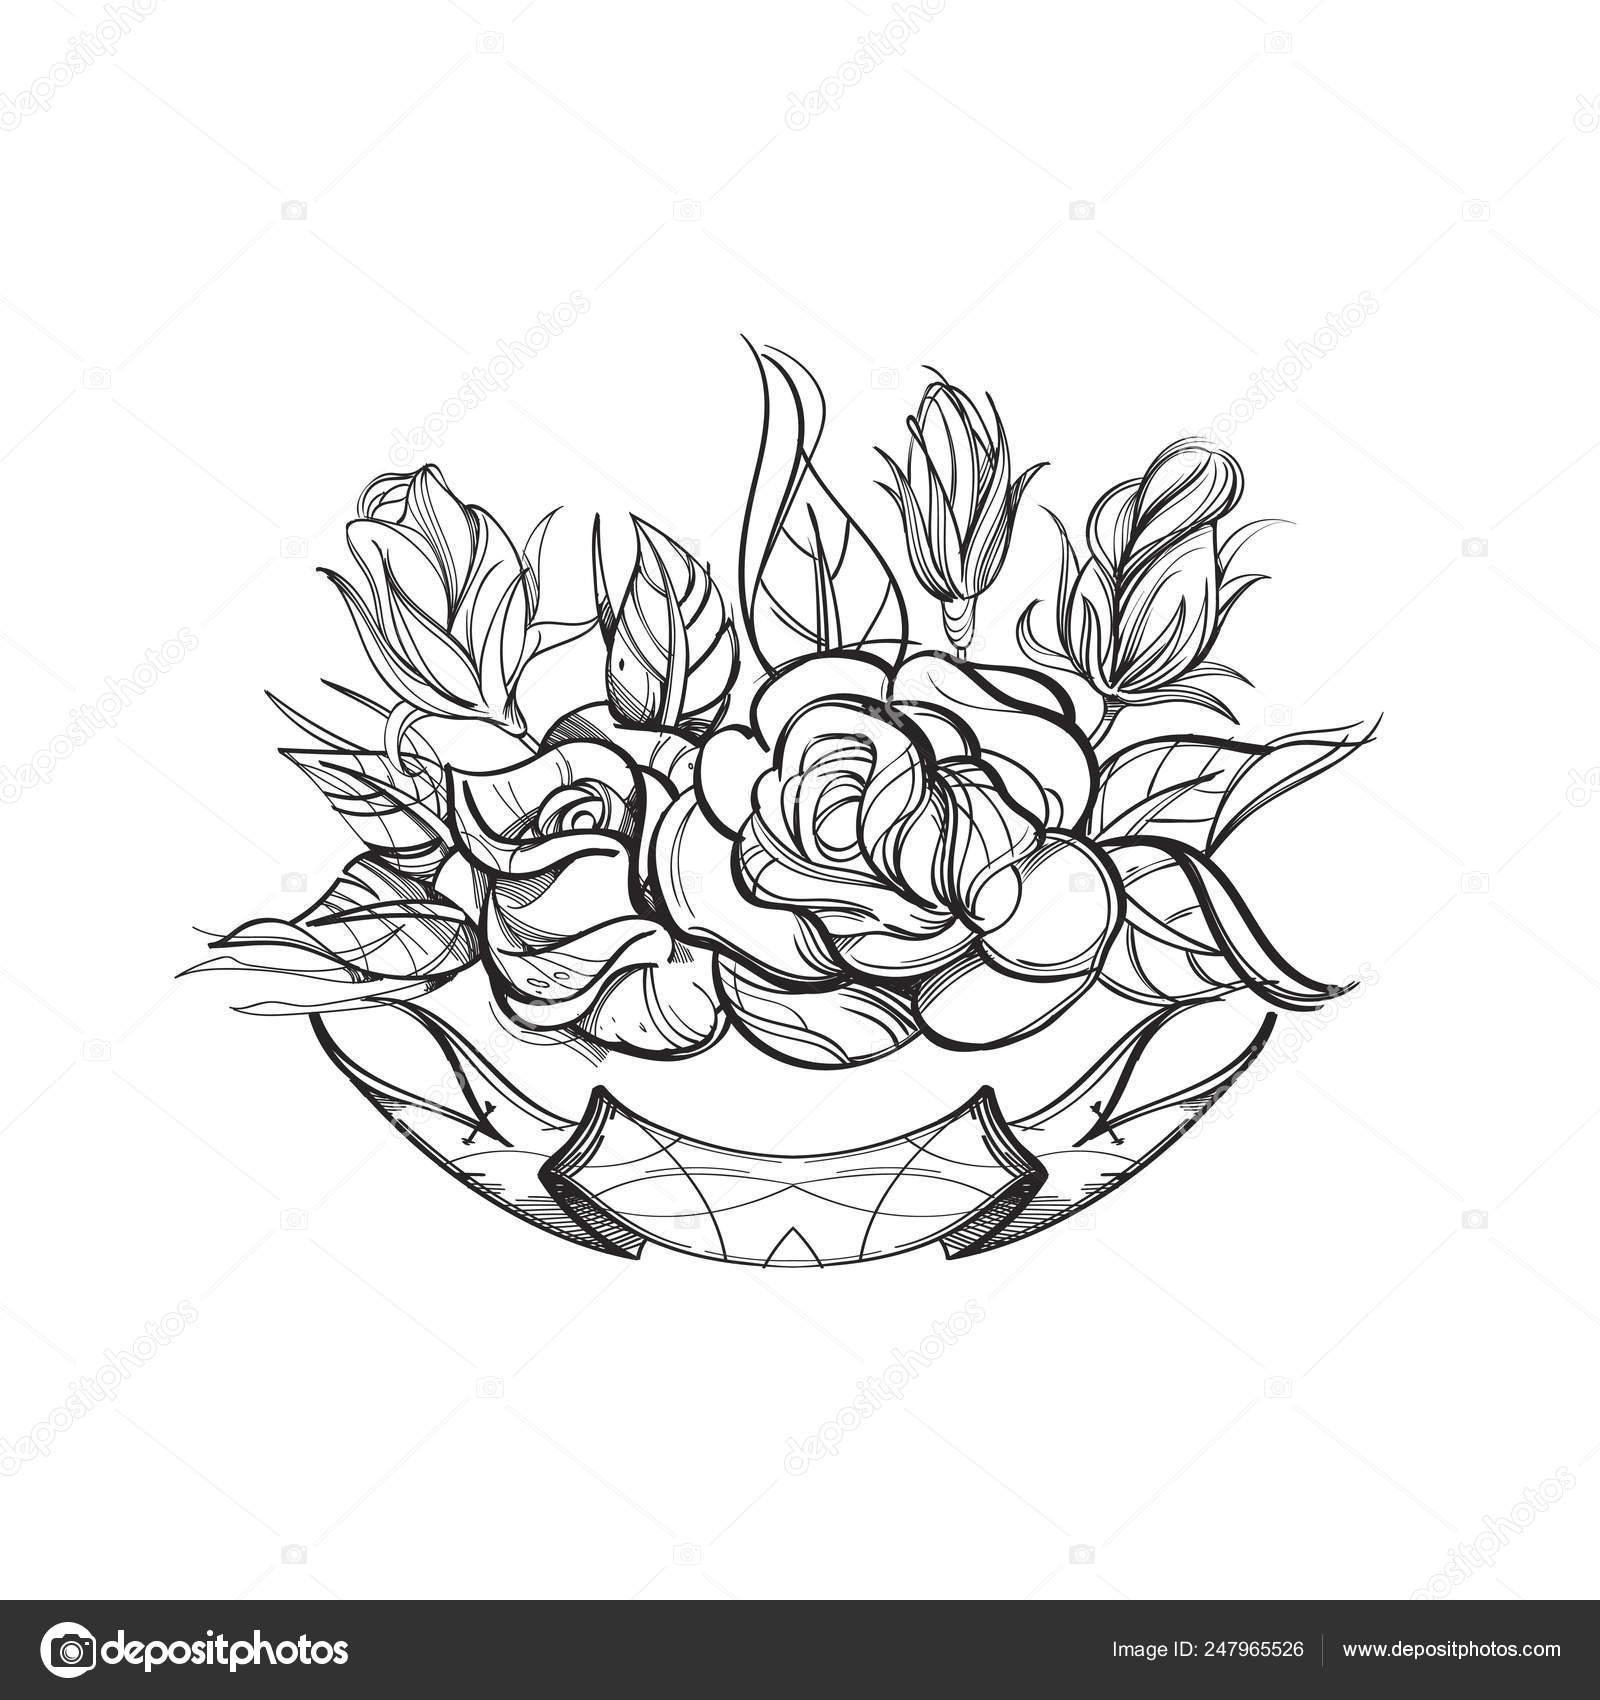 Hermosas Rosas Con Cinta Ilustración Vector Contorno Aislada Sobre